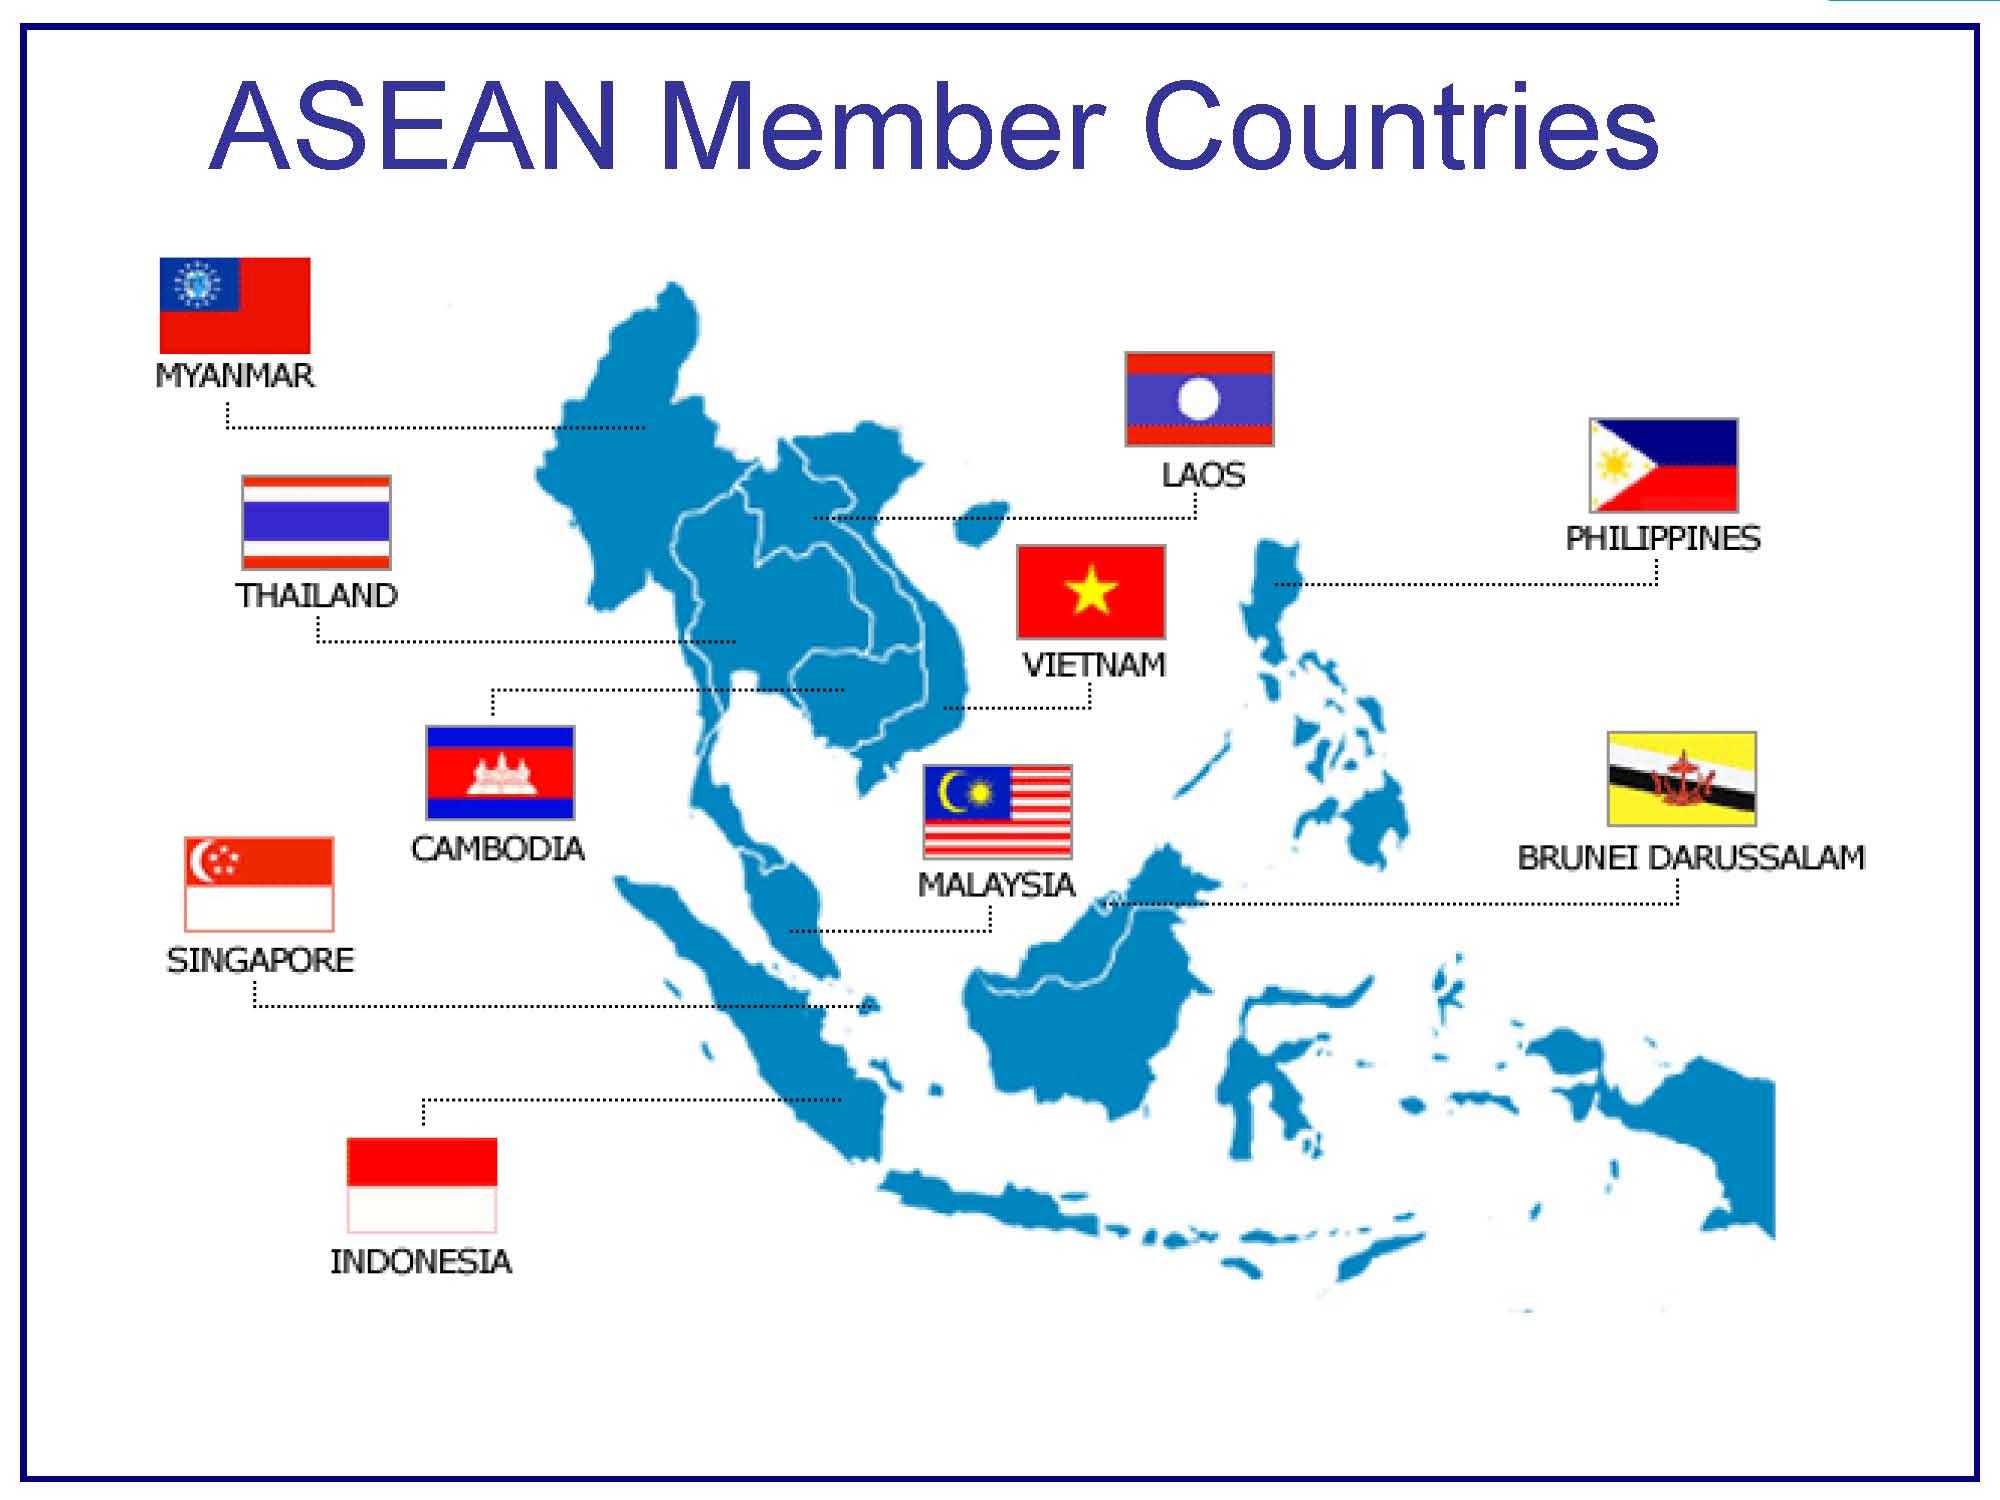 L'Asie du sud-est se dote d'une Communauté économique de l'Asean